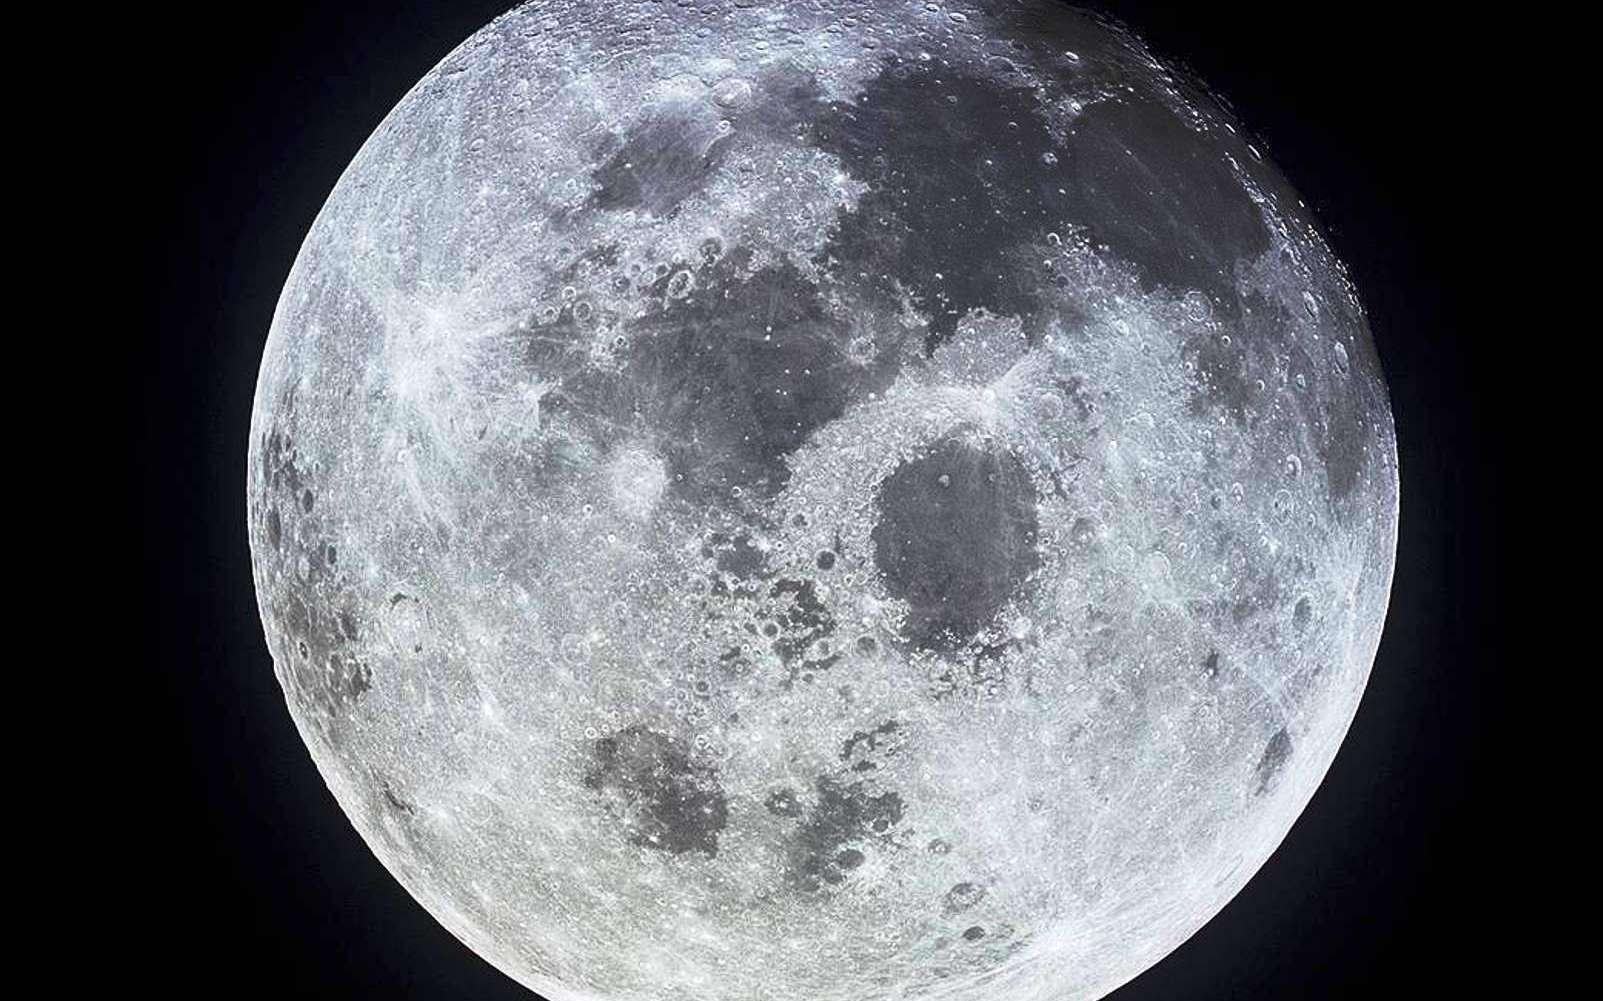 La lune photographiée depuis le vaisseau spatial Apollo 11. © Nasa